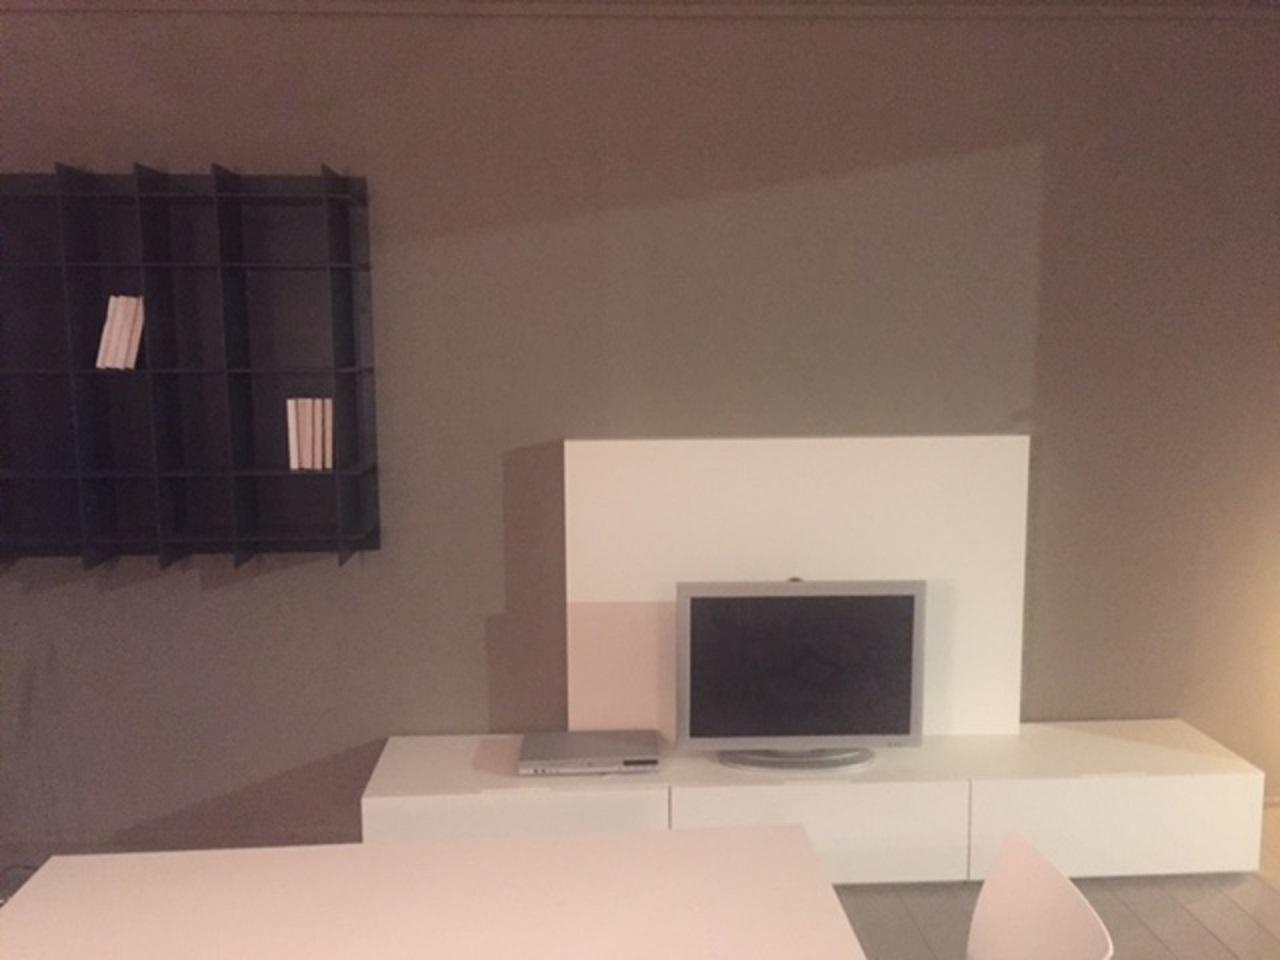 Soggiorno Poliform Sintesi Laccato Opaco Porta Tv Moderno - Soggiorni a prezzi scontati